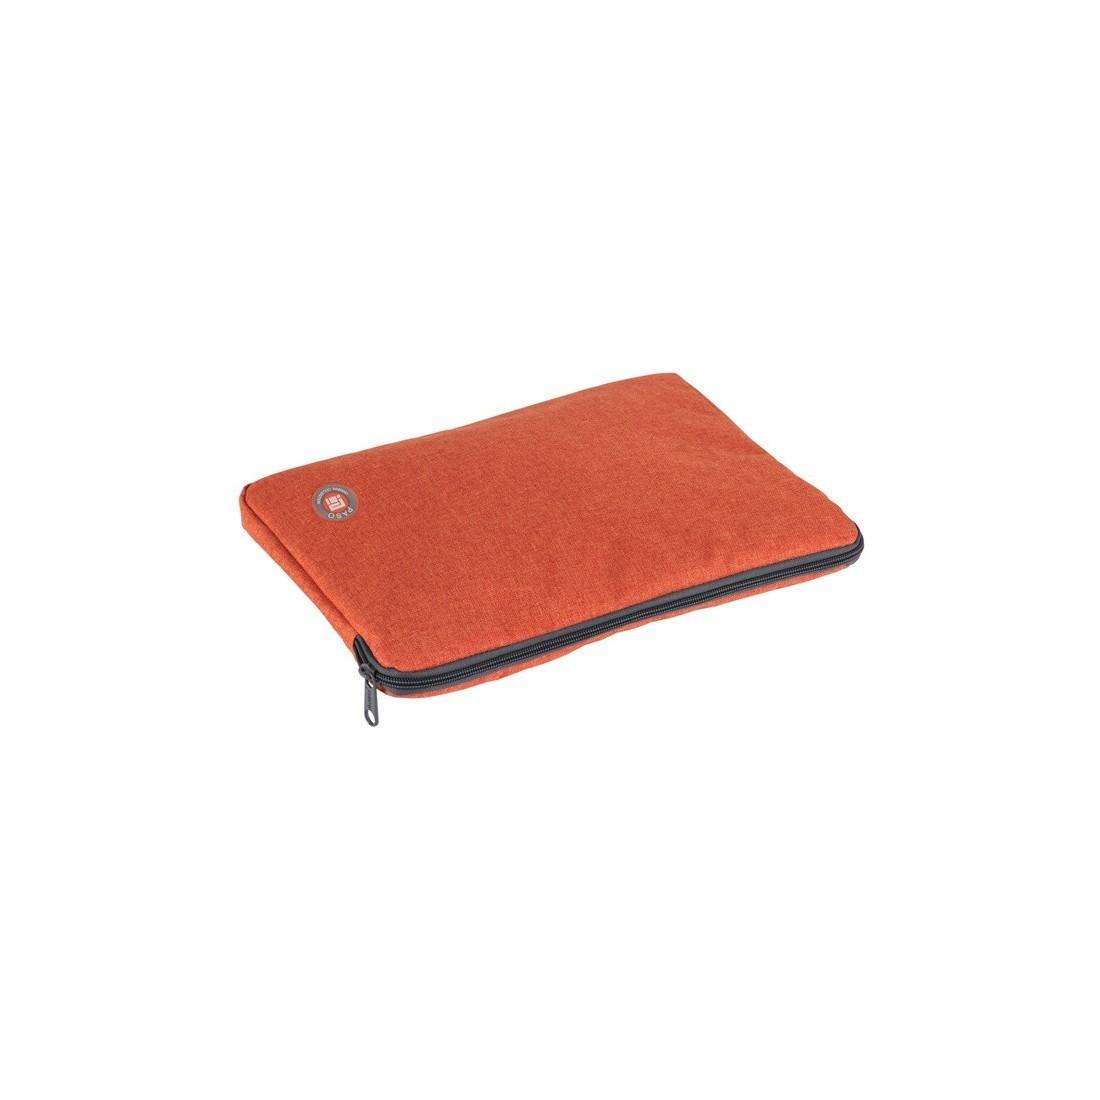 Pokrowiec na tablet pomarańczowy original collection